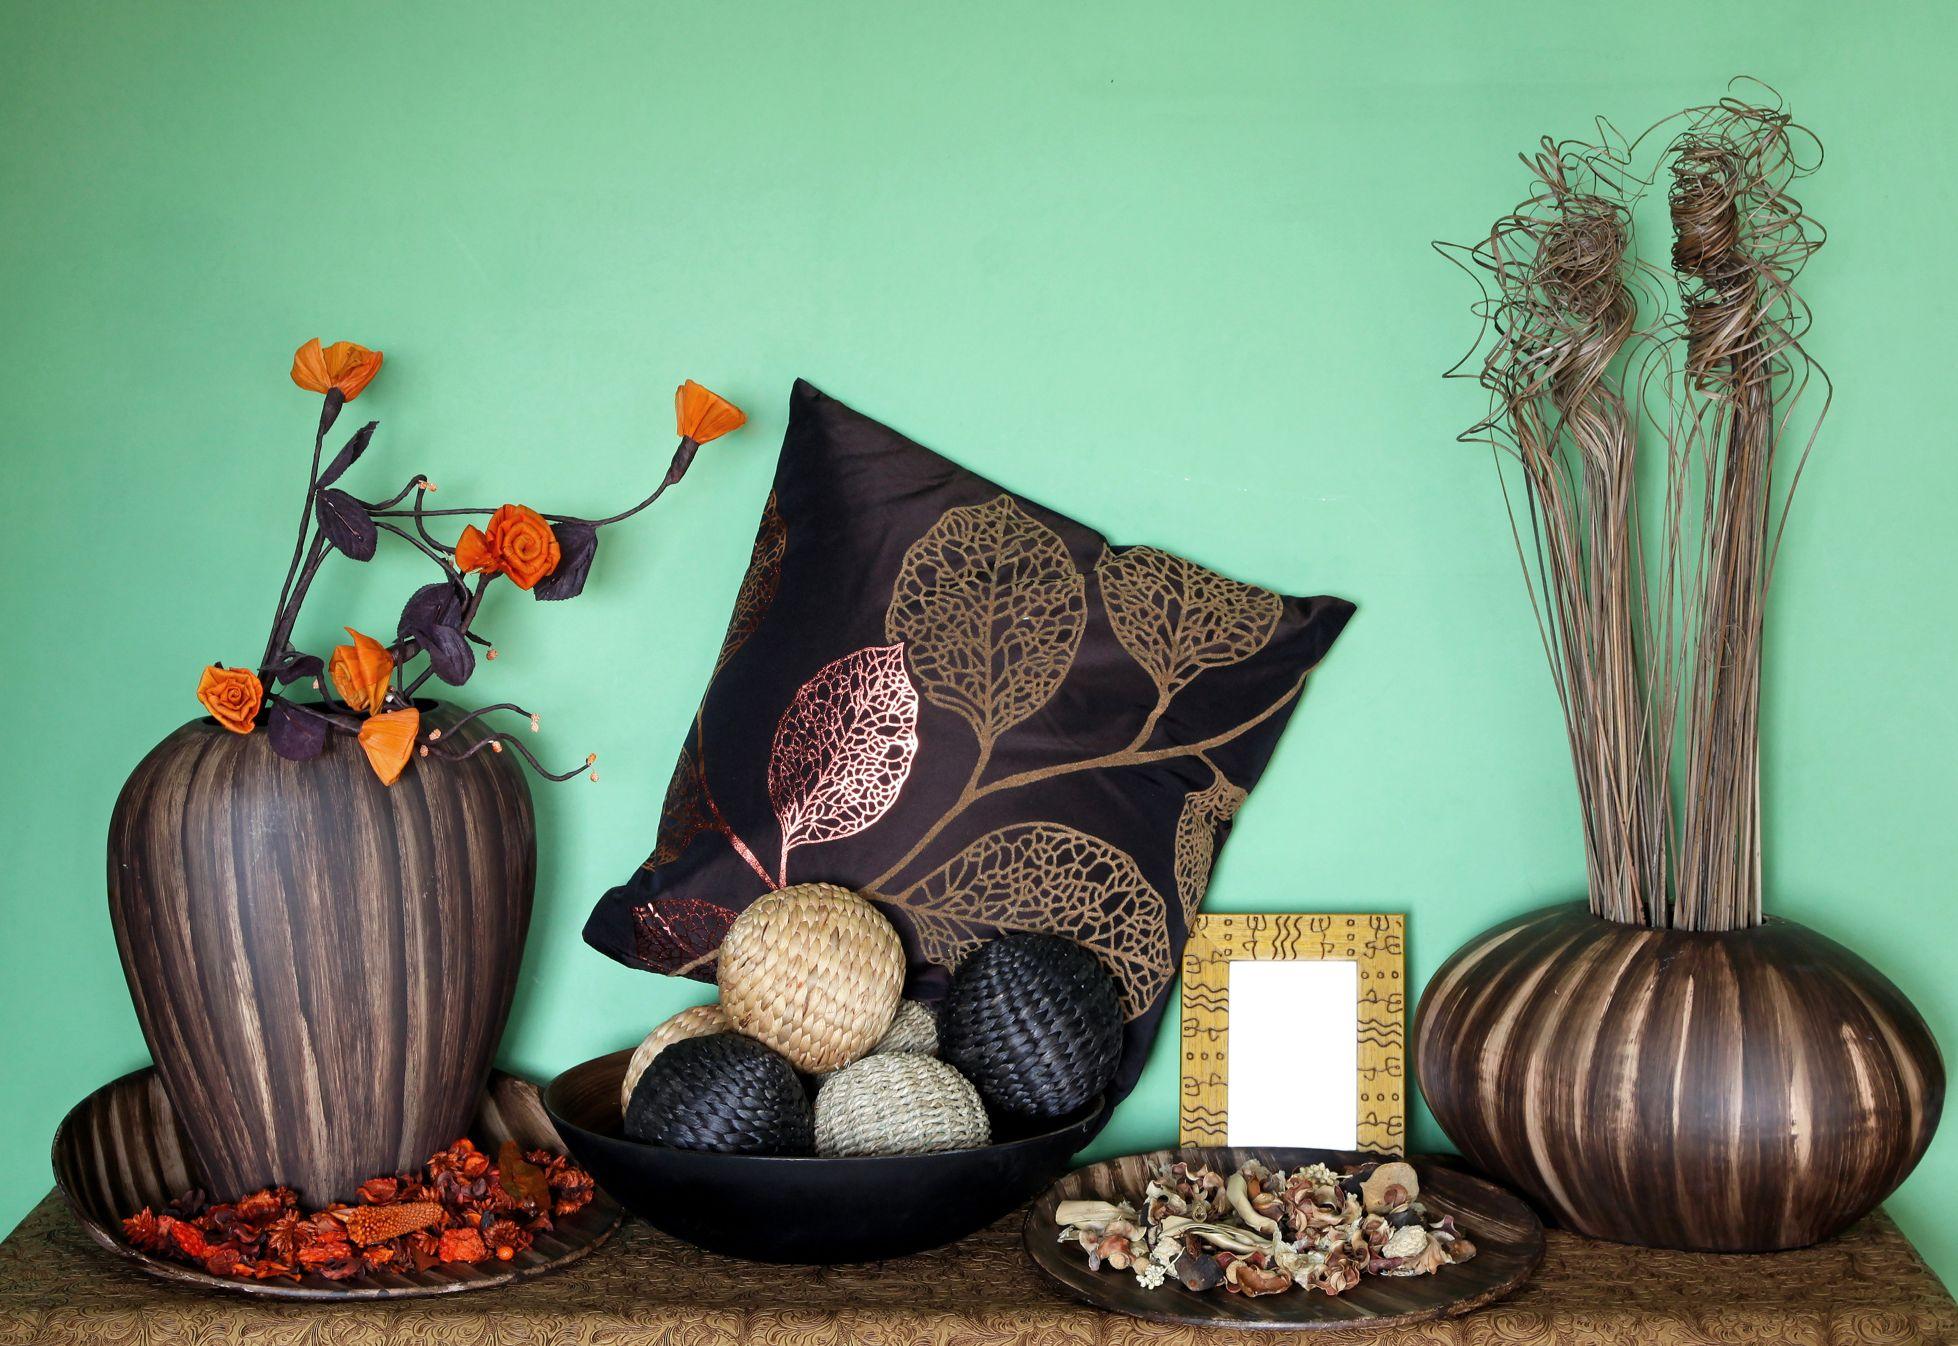 best-home-accessories-cumming-ga-usa